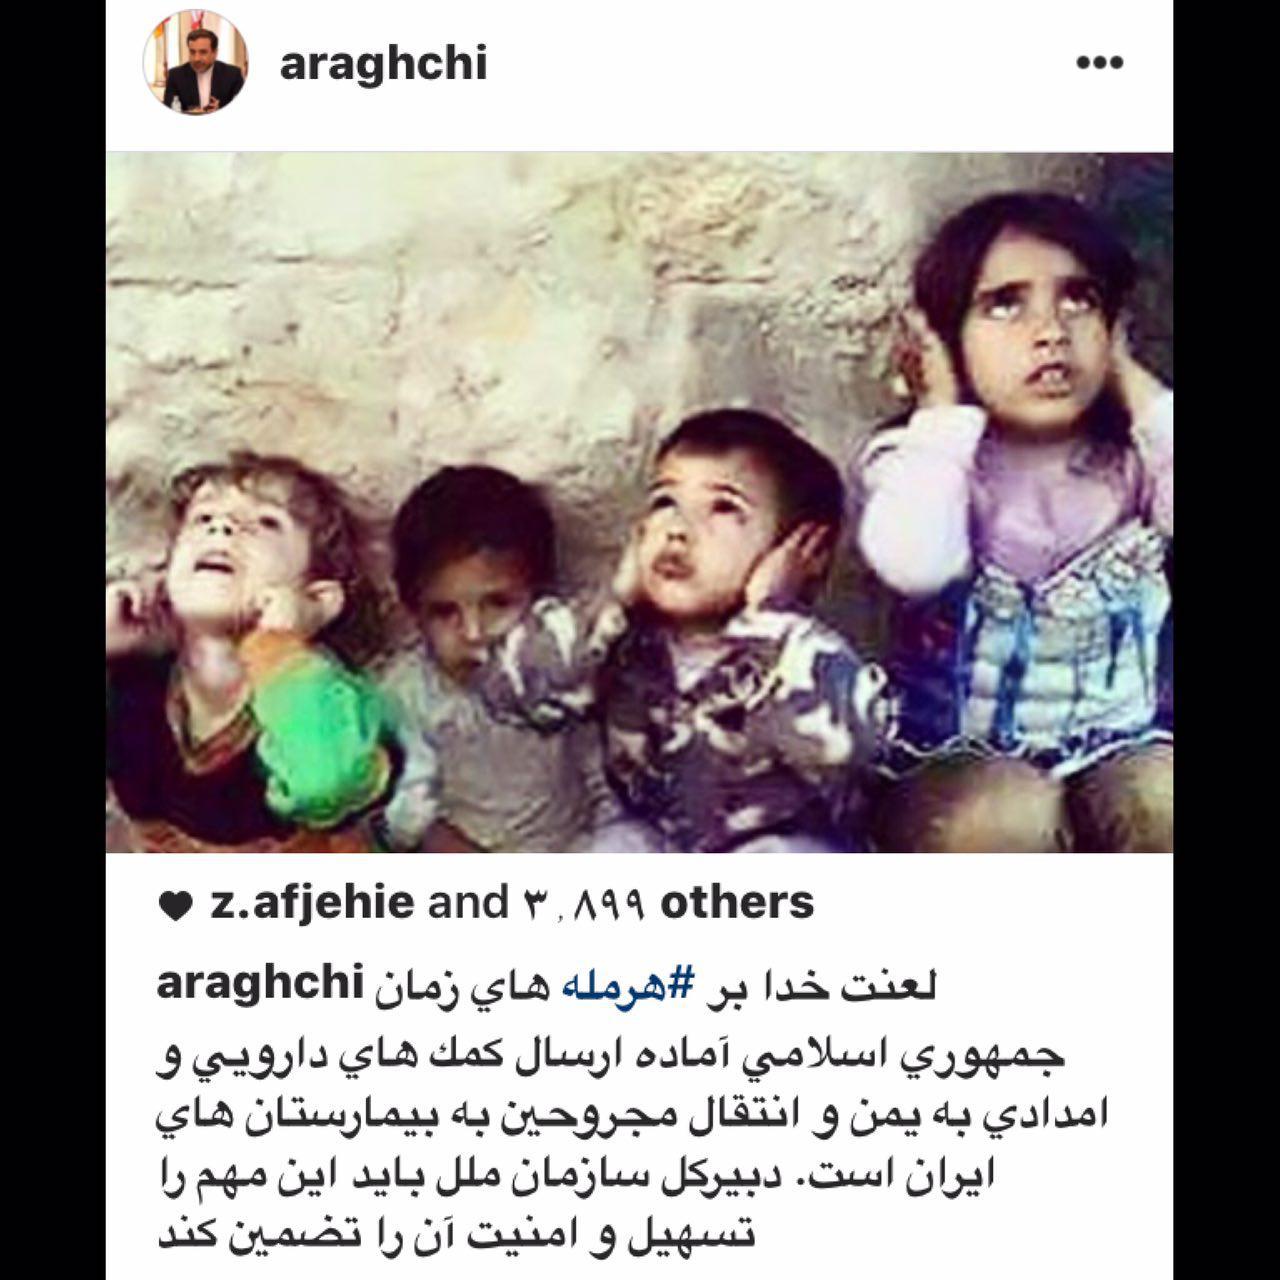 درخواست عراقچی از دبیر کل سازمان ملل برای تسهیل ارسال کمکهای بشر دوستانه به یمن/ آیا بدون کمک دبیرکل، دولت توانایی ارسال کشتی به یمن را ندارد؟